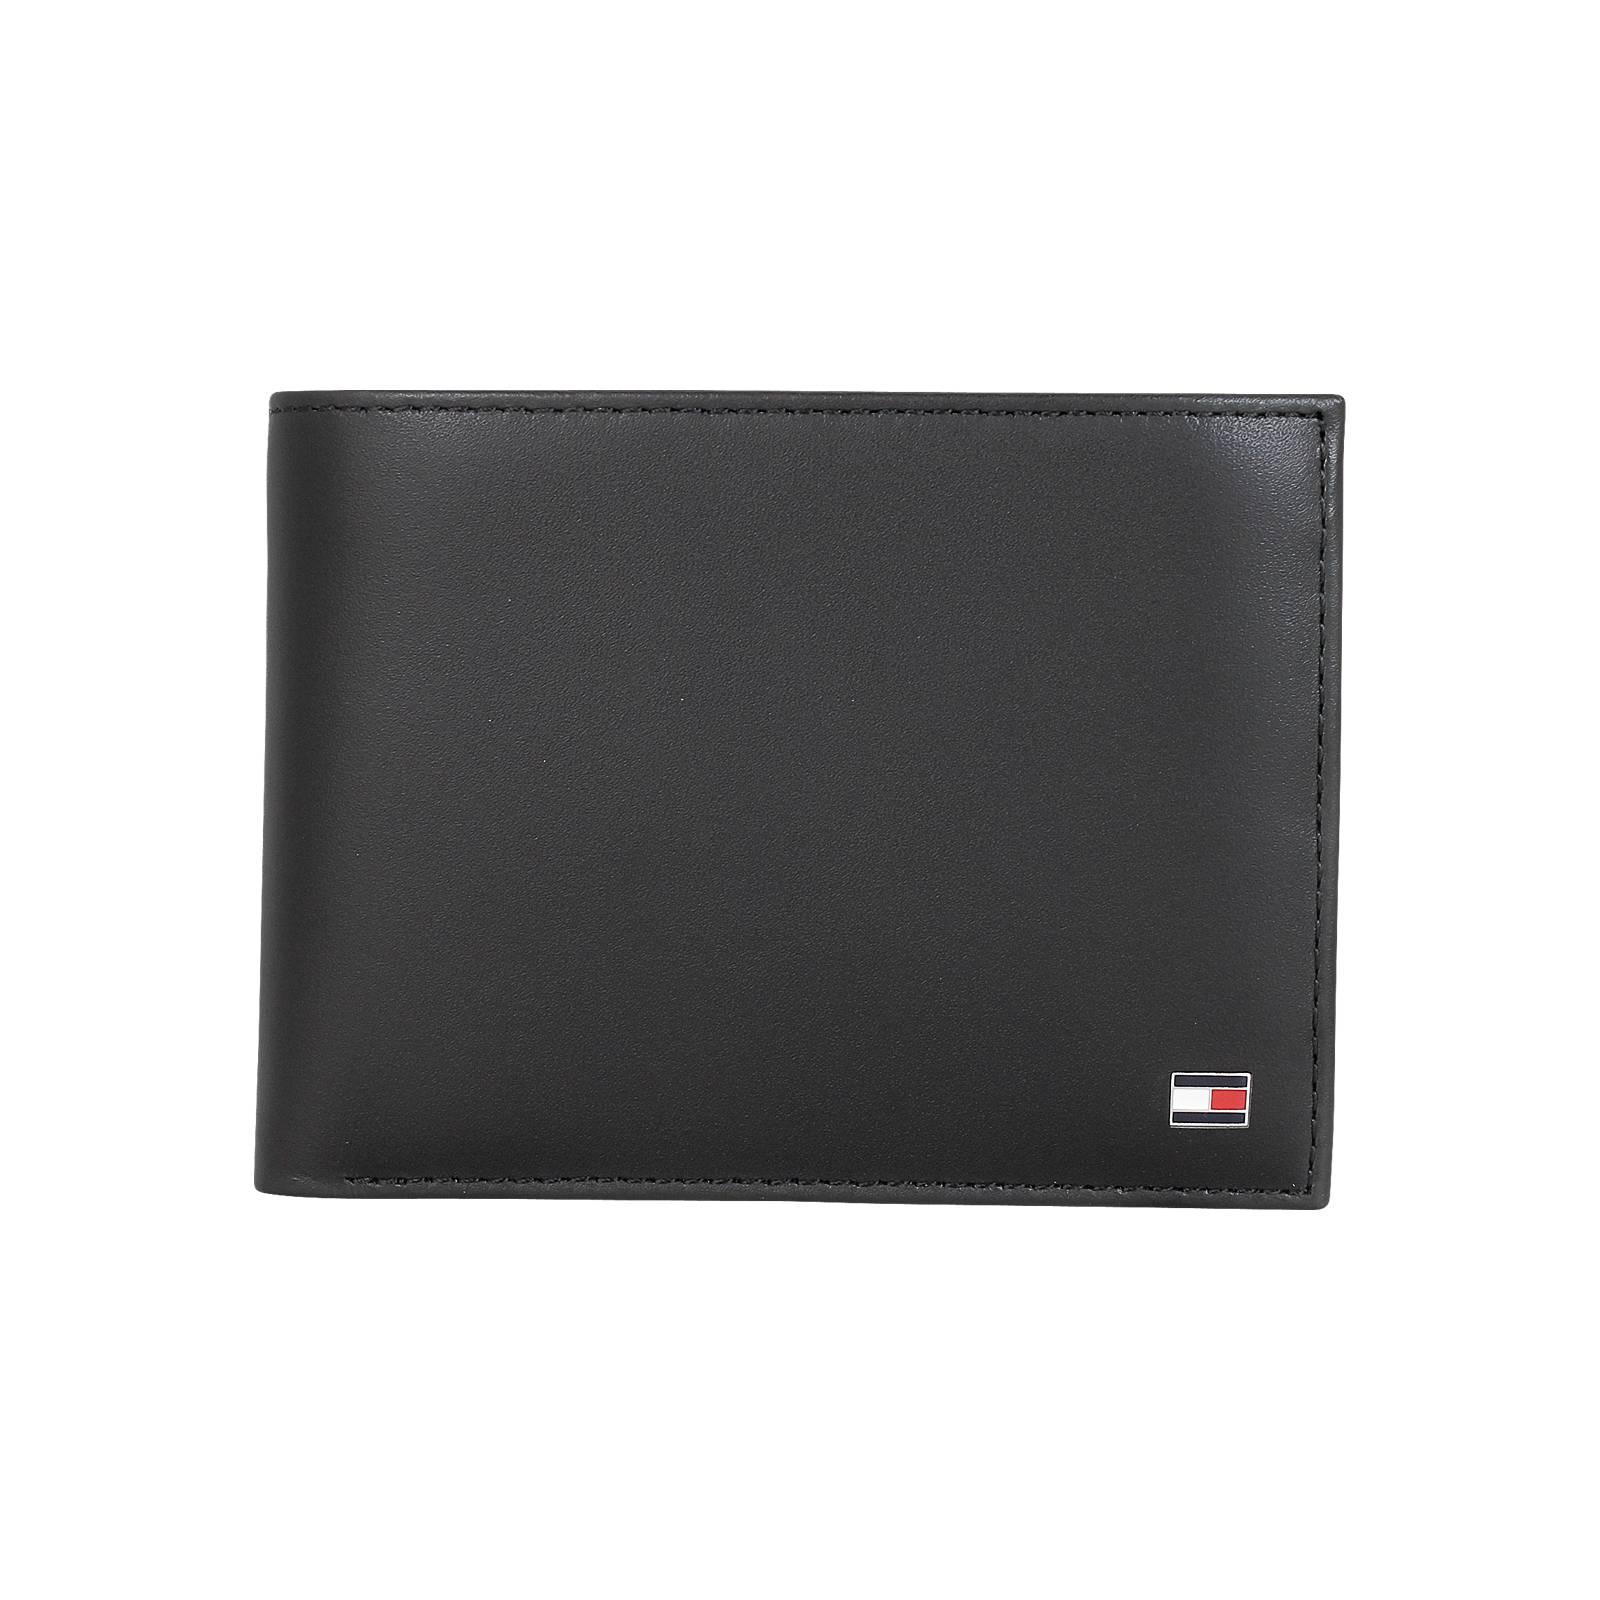 257c4b4b4a Eton CC Flap   Coin Pocket - Ανδρικό πορτοφόλι Tommy Hilfiger από ...